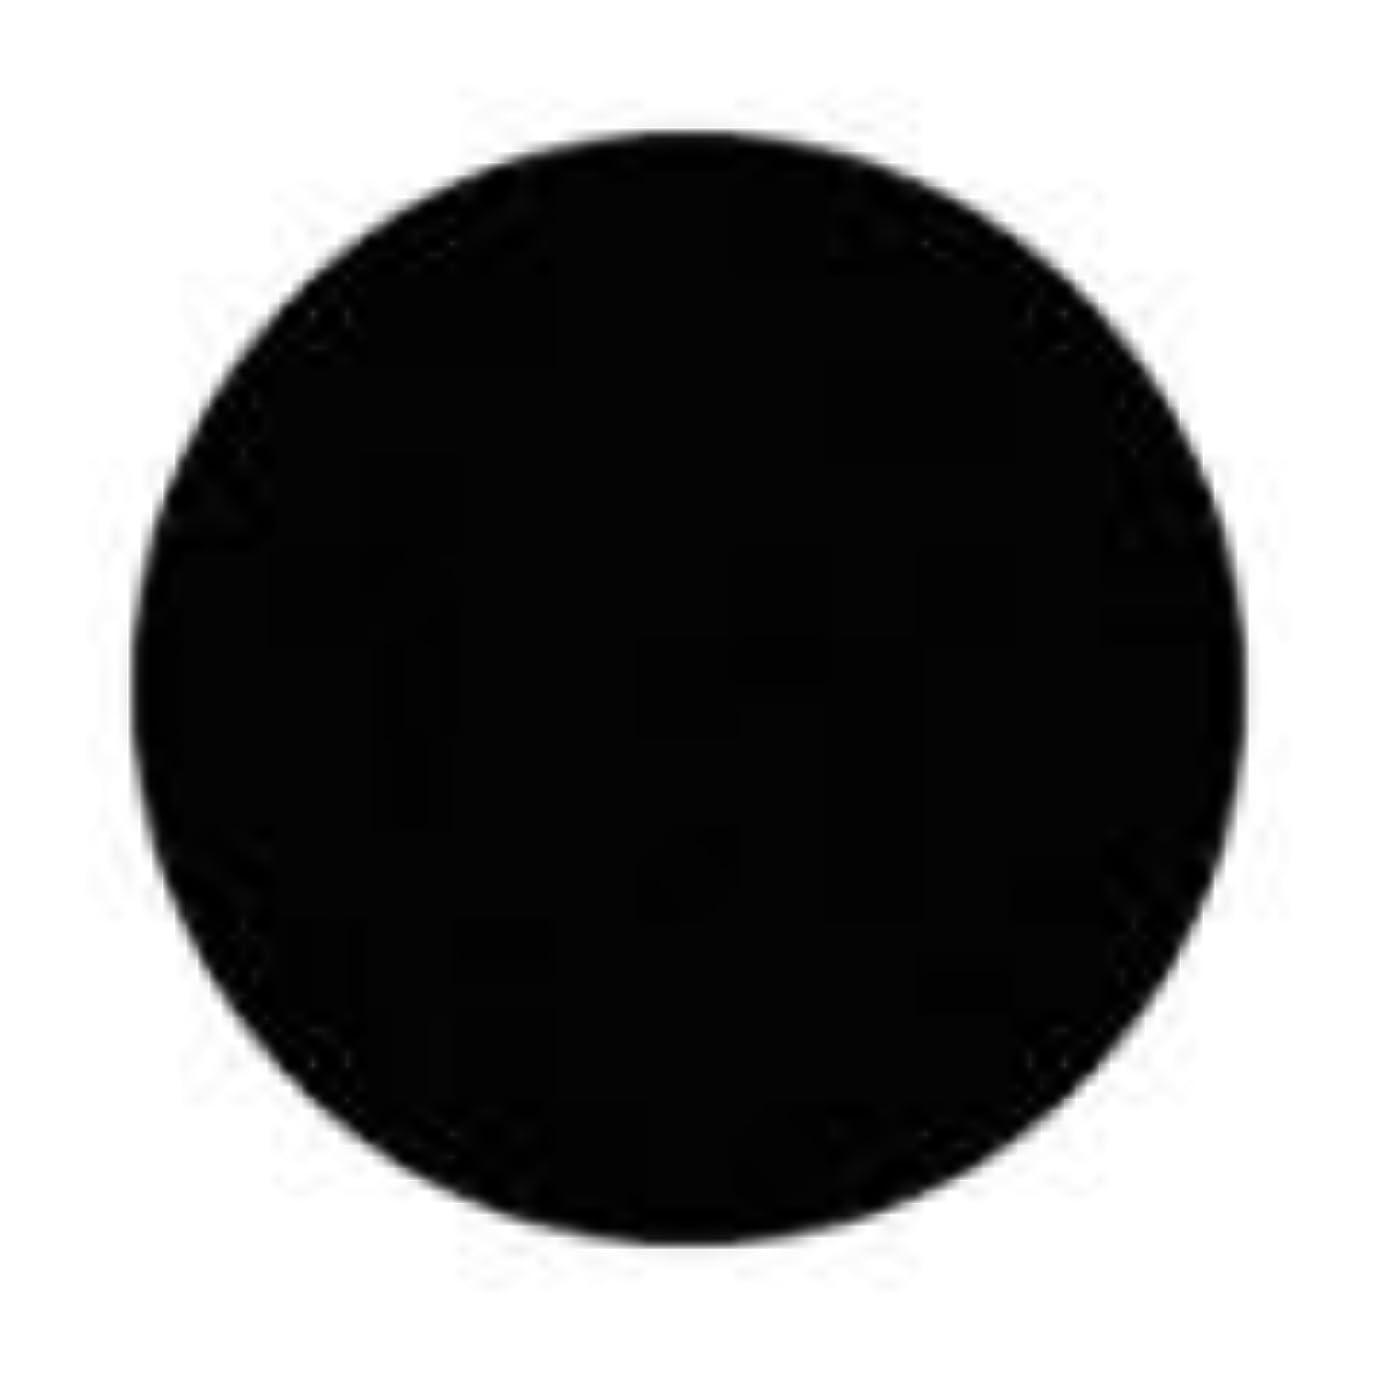 革命的おじさんサークルJessica ジェレレーション カラー 15ml  712 サンセットブルーバード